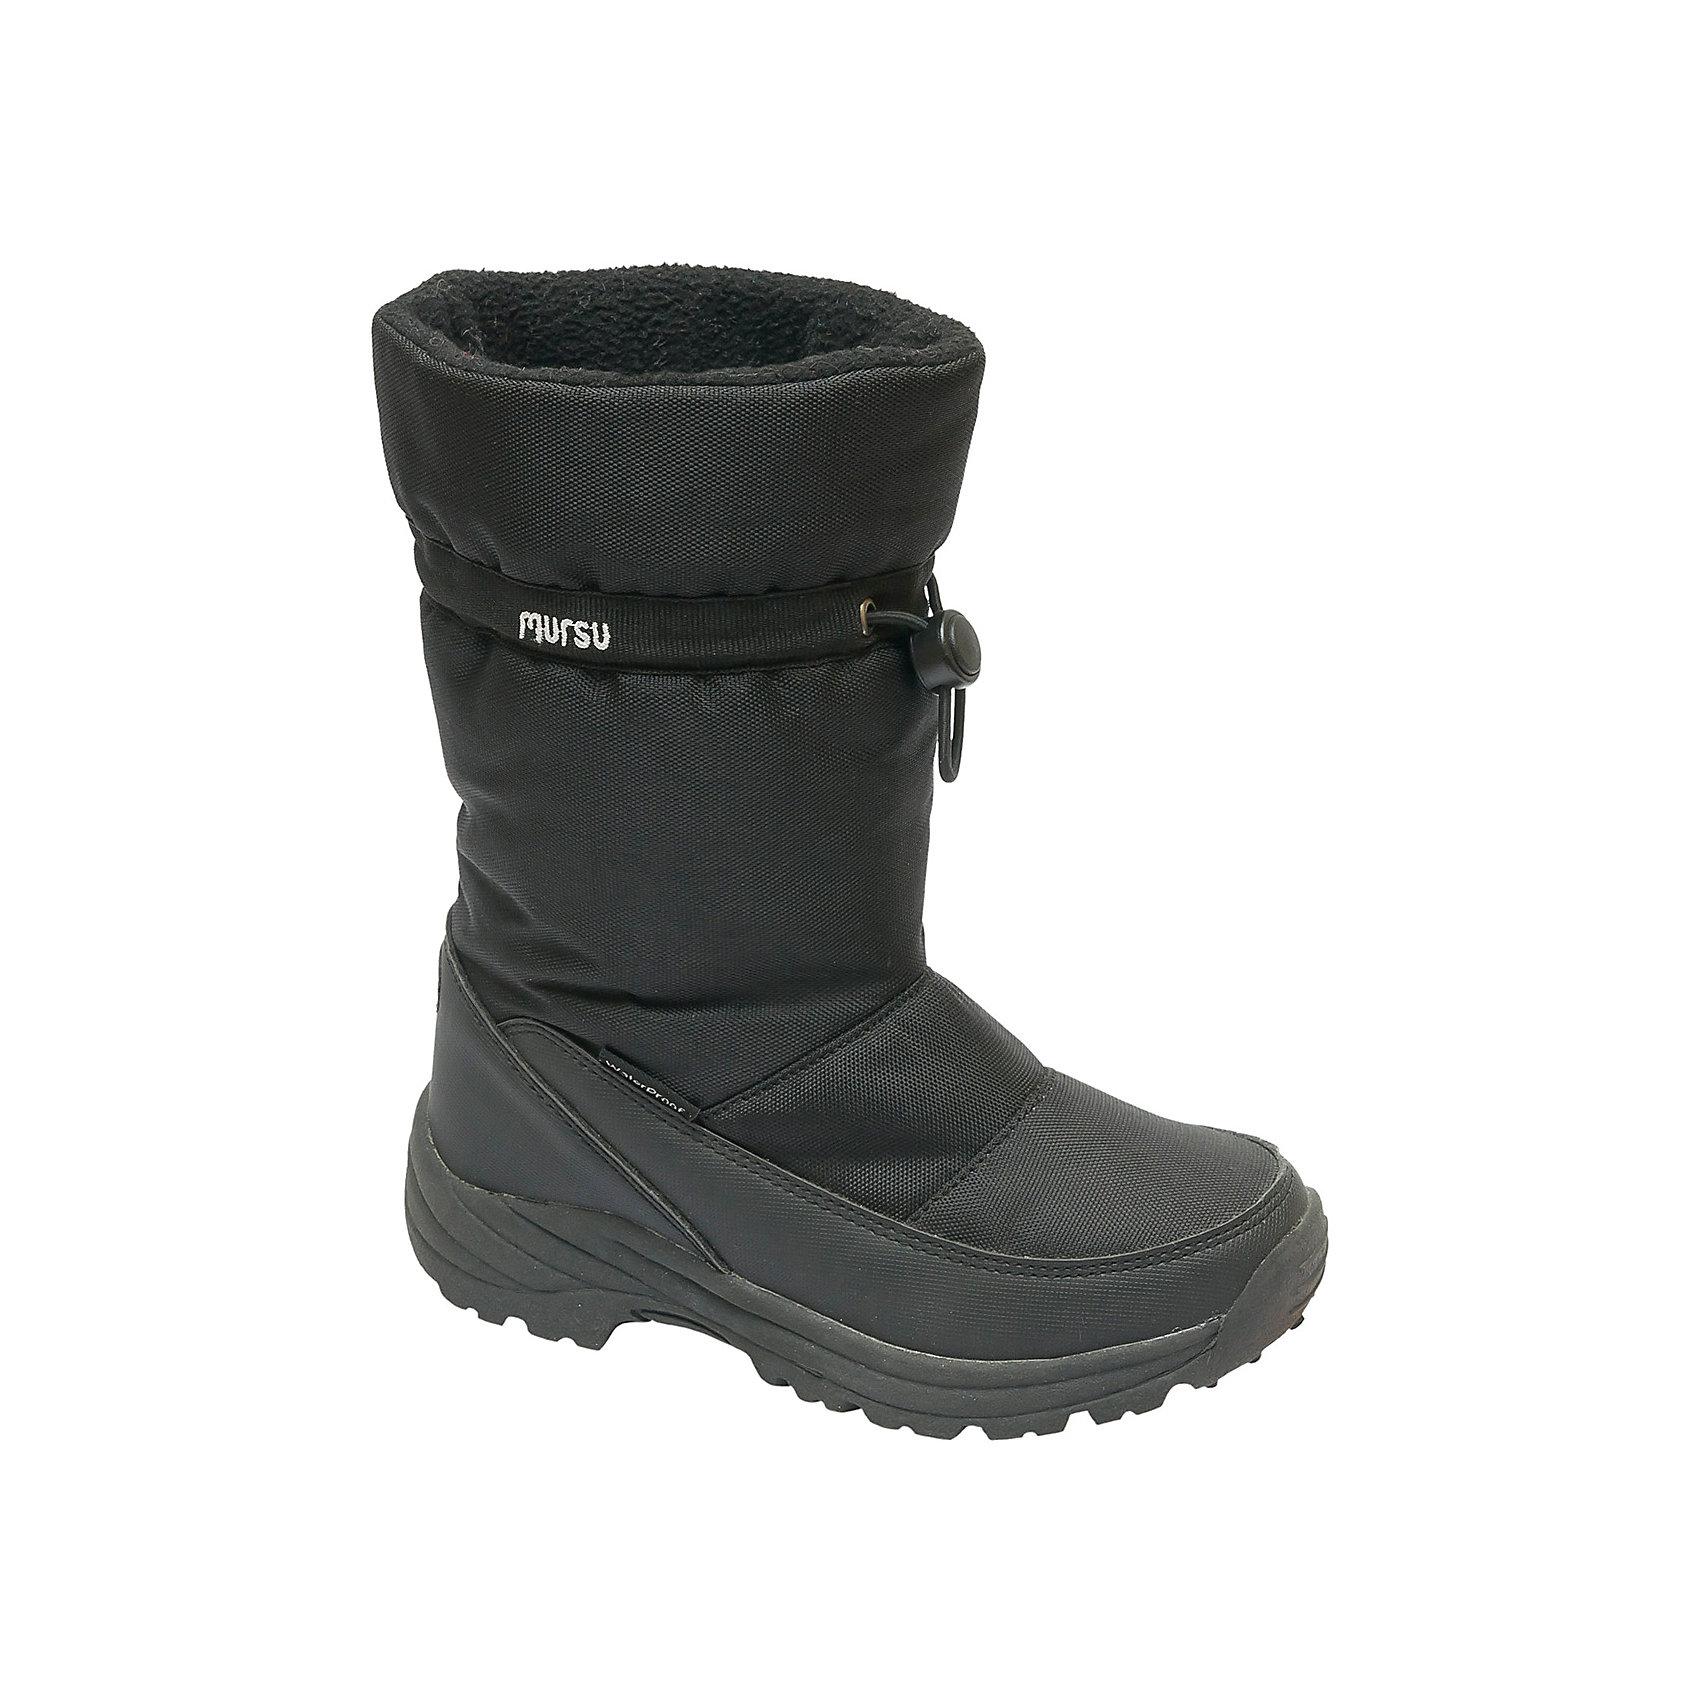 Сапоги для мальчика MURSUОбувь<br>Сапоги от известного бренда MURSU - удобный и практичный вариант для холодной погоды. Модель имеет толстую подошву, отлично защищающую ноги от холода, выполнена из высококачественных материалов, очень хорошо смотрится на ноге.  Ботинки с усиленным задником затягиваются на кулиску с пластиковым стопором. Верх модели отгибается.<br><br>Дополнительная информация:<br><br>- Сезон: зима/осень.<br>- Тепловой режим: от -5? до -25? <br>- Рифленая подошва.<br>- Тип застежки: кулиска.<br><br>Состав:<br>- Материал верха: текстиль.<br>- Материал подкладки: искусственный мех.<br>- Материал подошвы: TEP.<br>- Материал стельки: искусственный мех.<br><br>Сапоги для мальчика MURSU (Мурсу) можно купить в нашем магазине.<br><br>Ширина мм: 257<br>Глубина мм: 180<br>Высота мм: 130<br>Вес г: 420<br>Цвет: черный<br>Возраст от месяцев: 24<br>Возраст до месяцев: 24<br>Пол: Мужской<br>Возраст: Детский<br>Размер: 25,26,27,29,28<br>SKU: 4202331